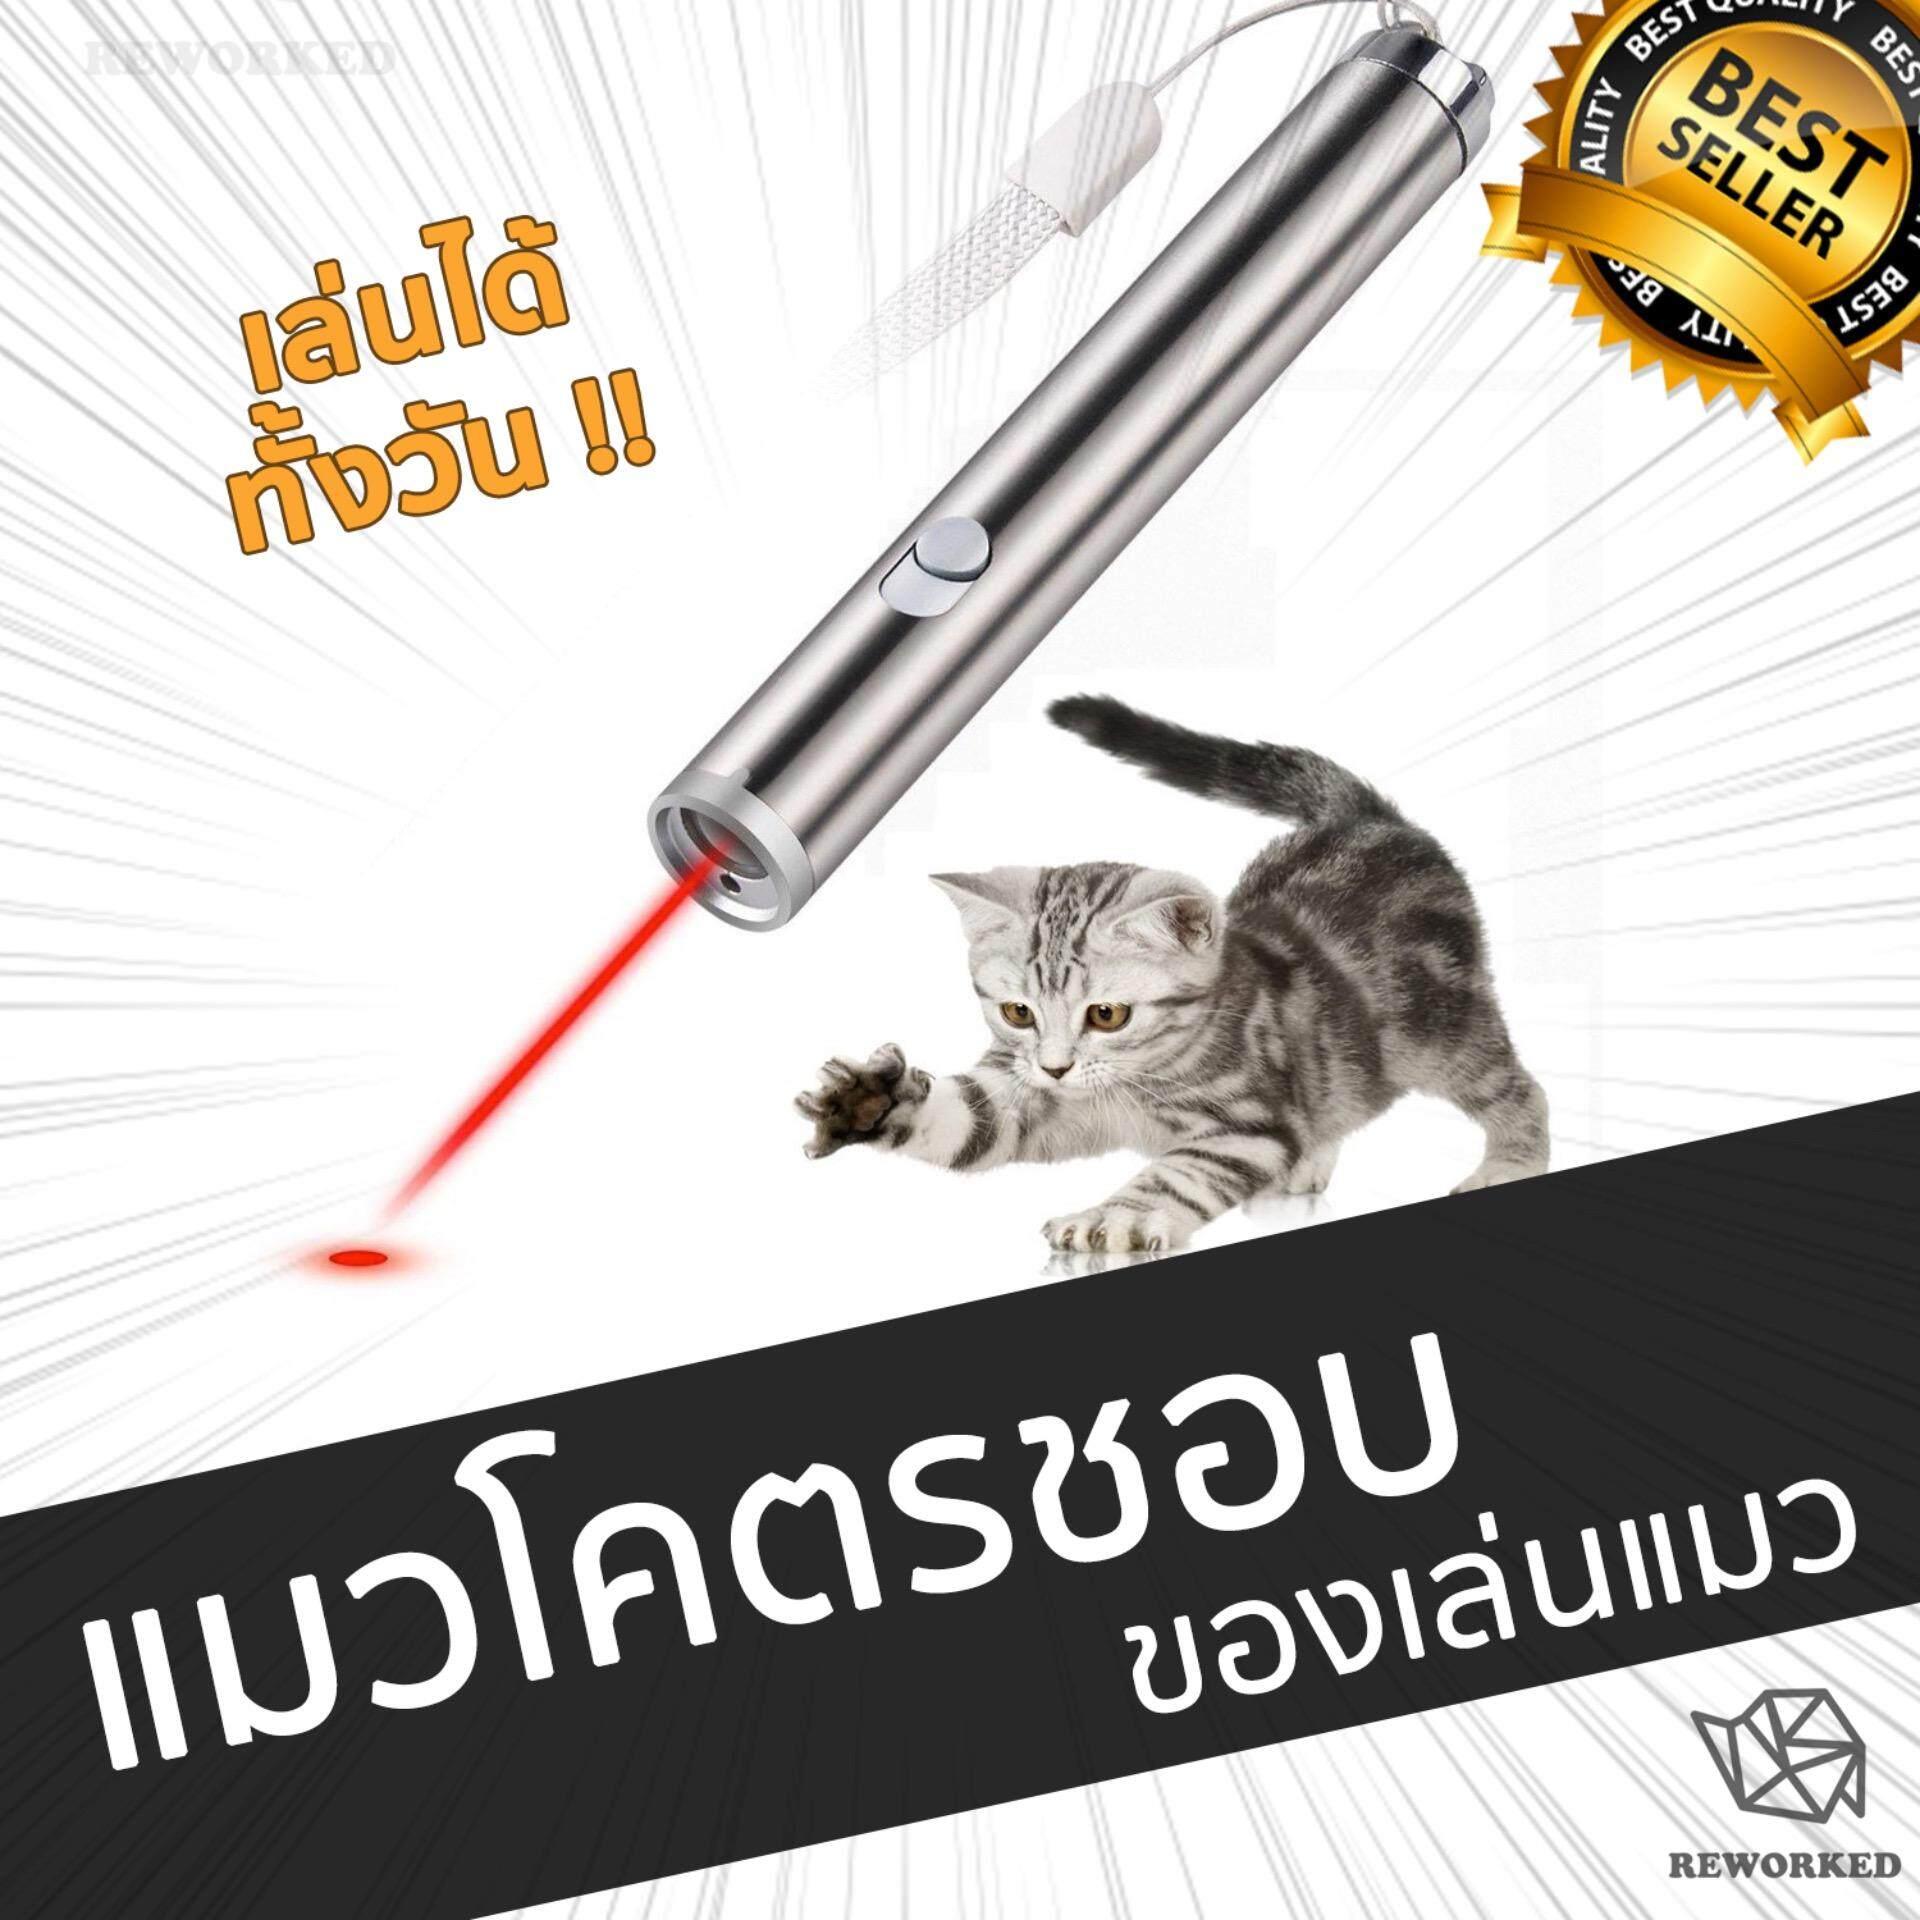 เลเซอร์ แมว หมา ของเล่นสำหรับแมวและสุนัข เพื่อความสนุกสนาน Funny Pet Cat Catch Interactive Light Toy, 2 in 1 Chaser Toy with Laser Dot and Flashlight to Scratching Training Tool for Cat or Dog